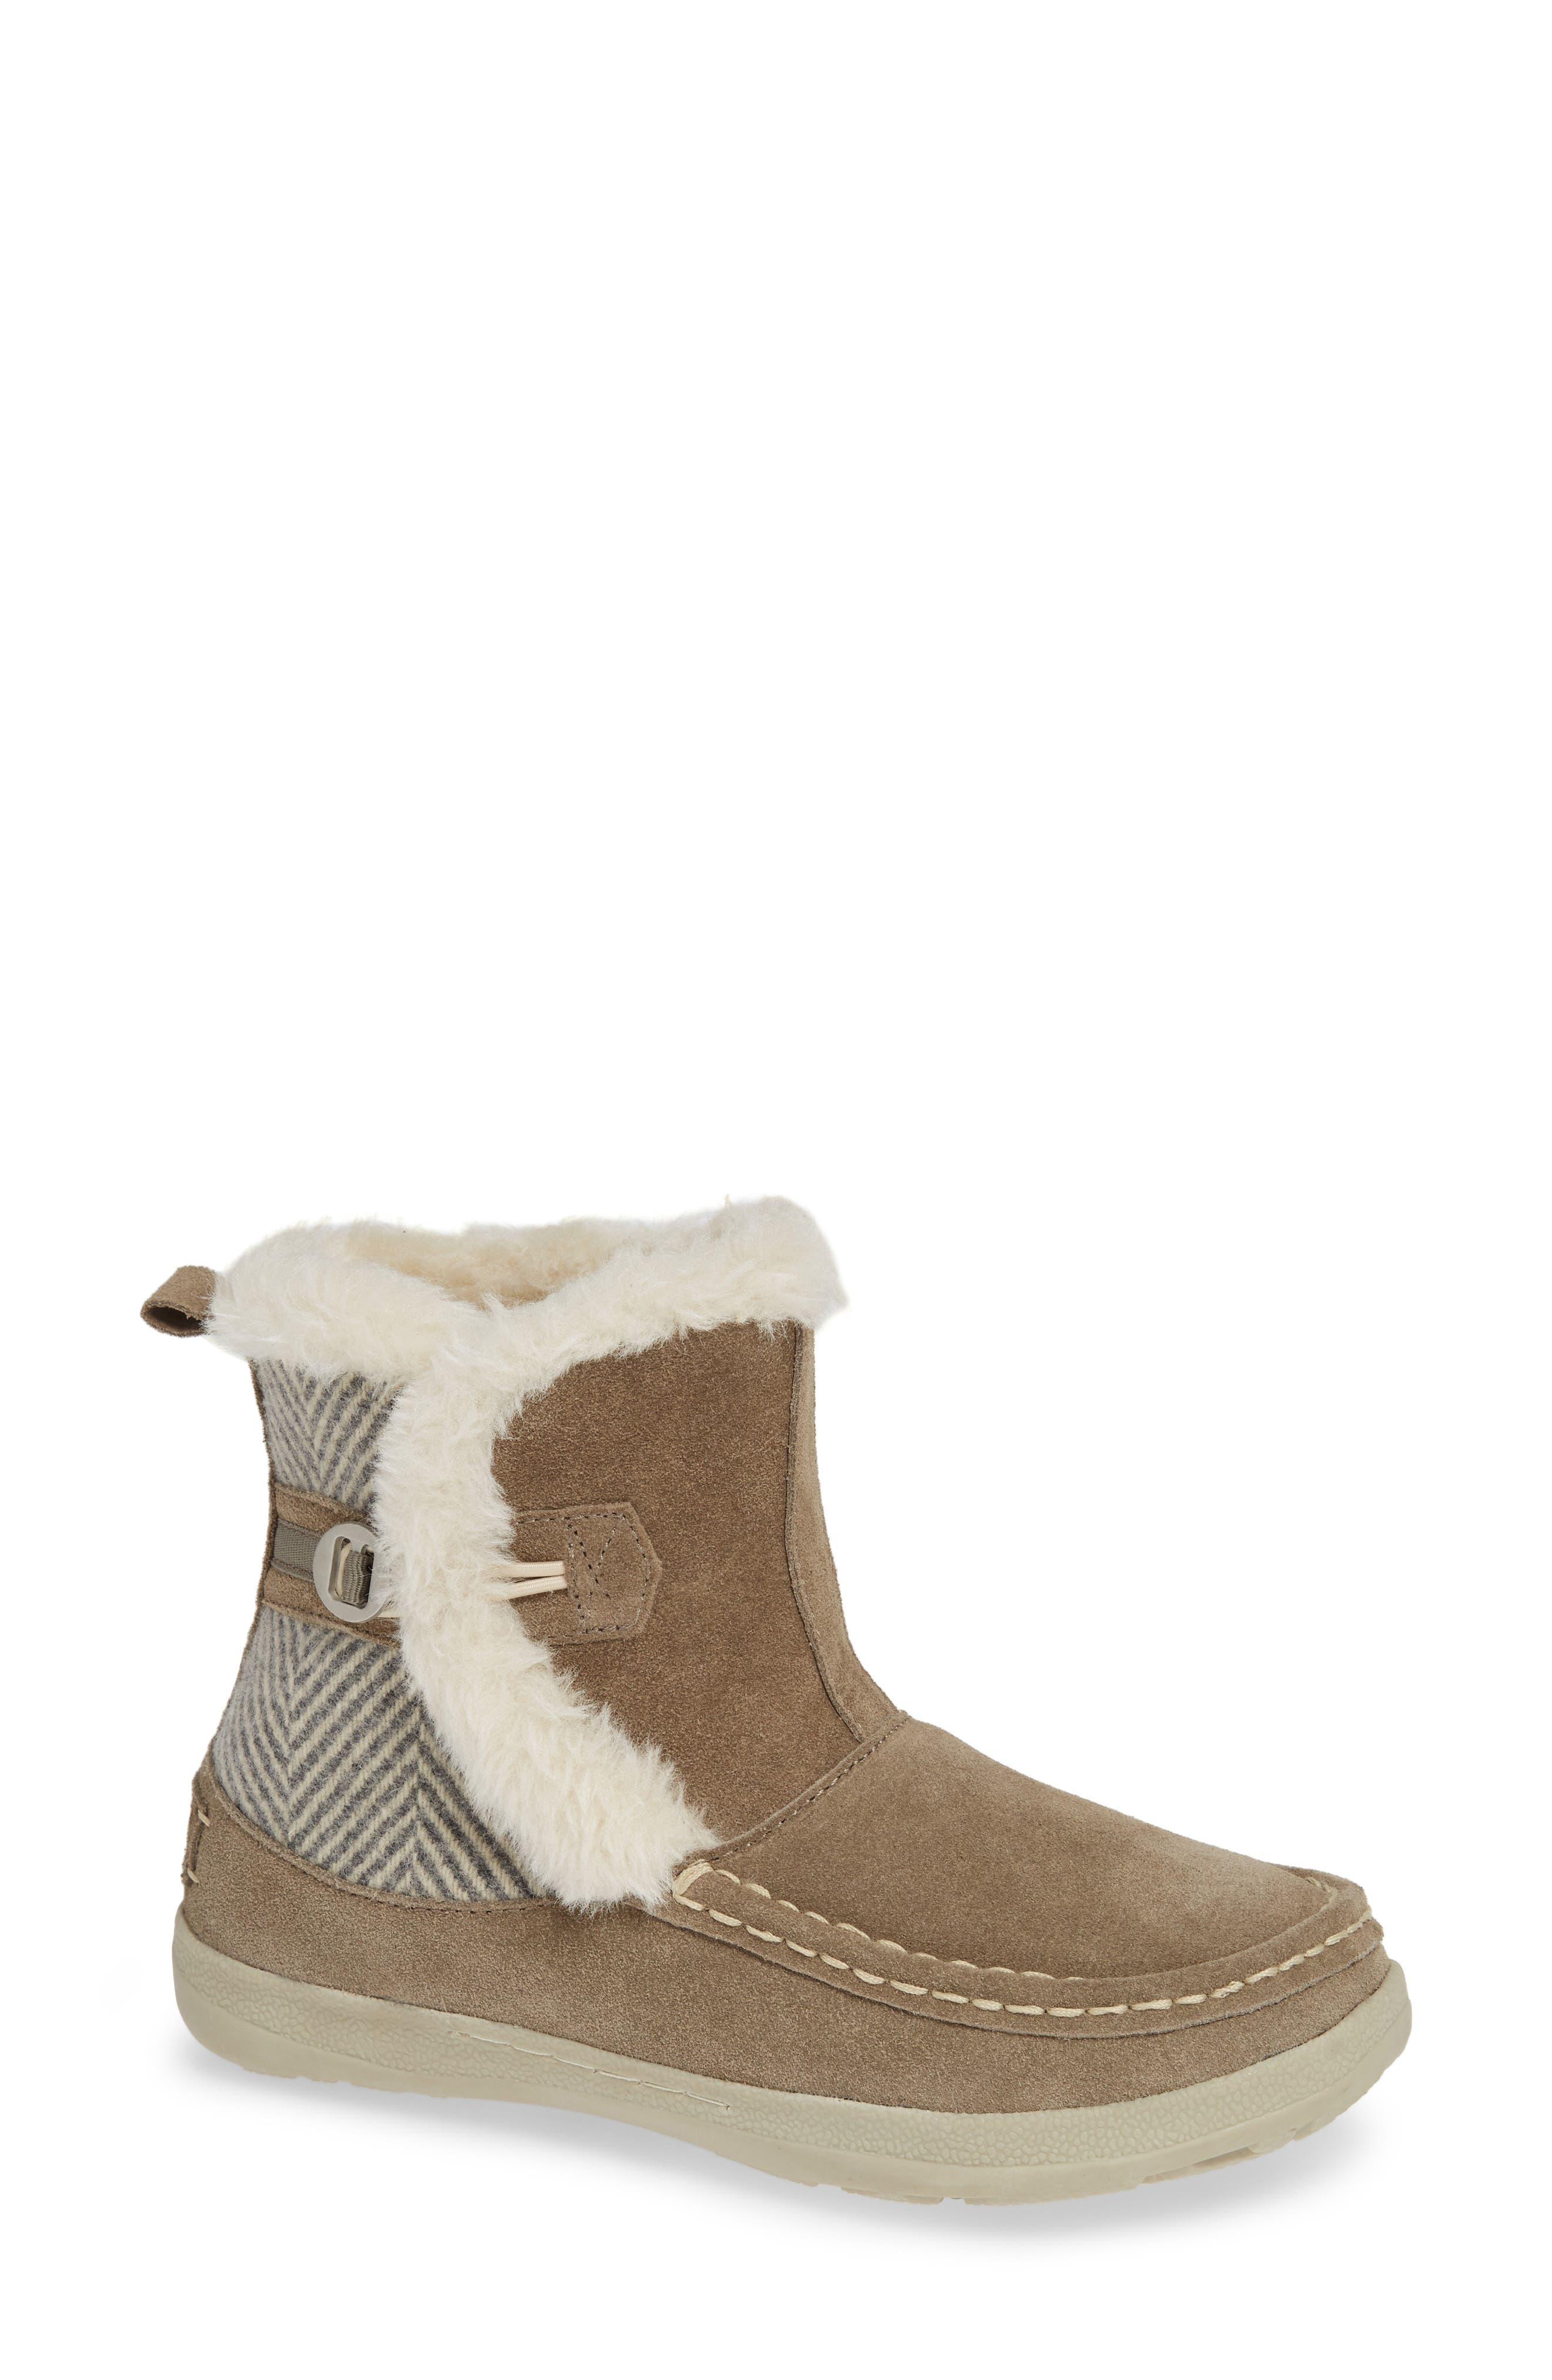 Pine Creek II Faux Fur Trim Boot, Main, color, STEEL/ HERRINGBONE SUEDE